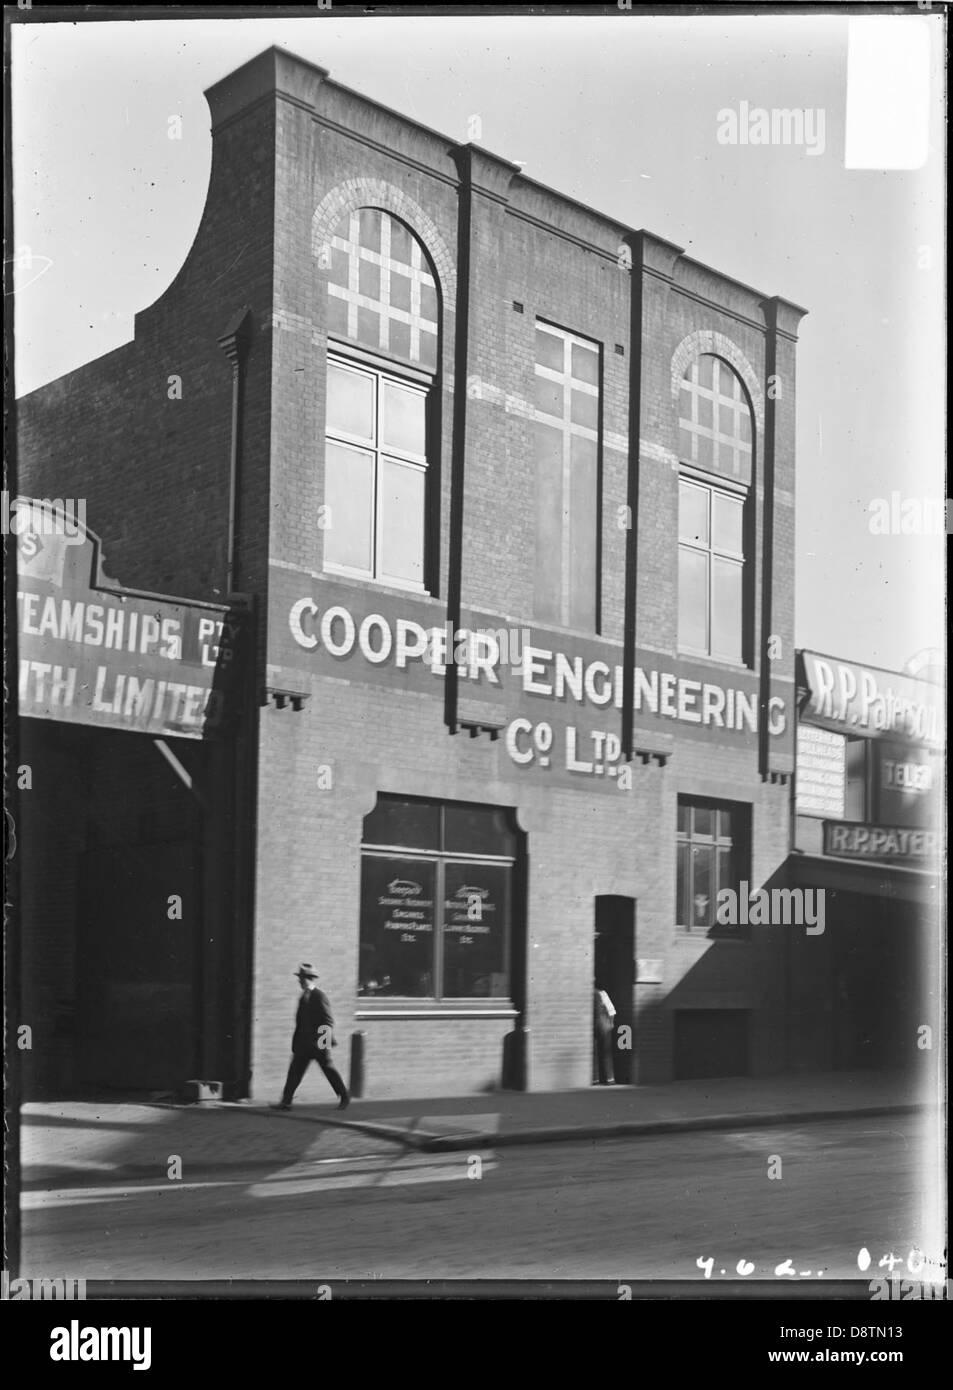 Street scene showing Sydney Produce Company, Howard Smith